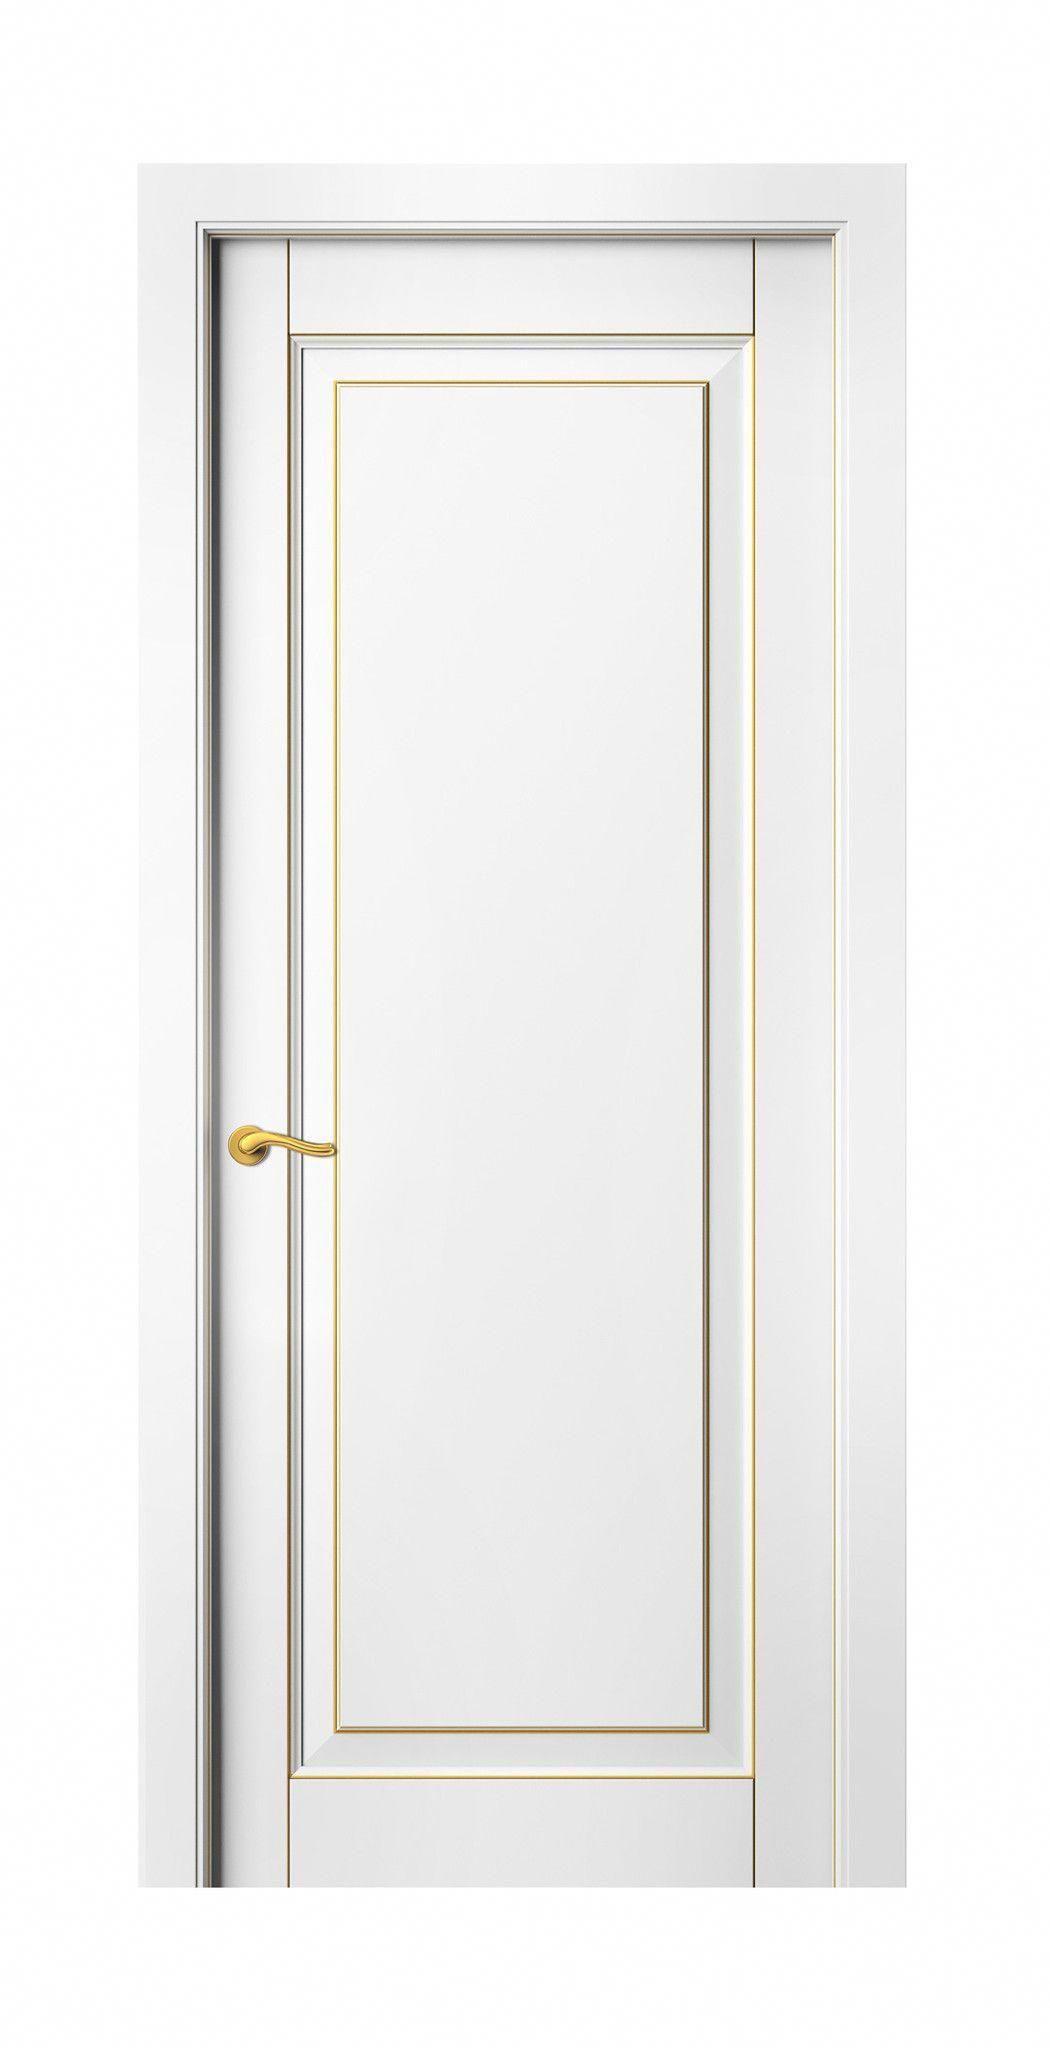 Glass Panel Interior Door White Panel Interior Doors Wood Interior Door Styles 20190117 Doors Interior Wooden Doors Blue Interior Doors